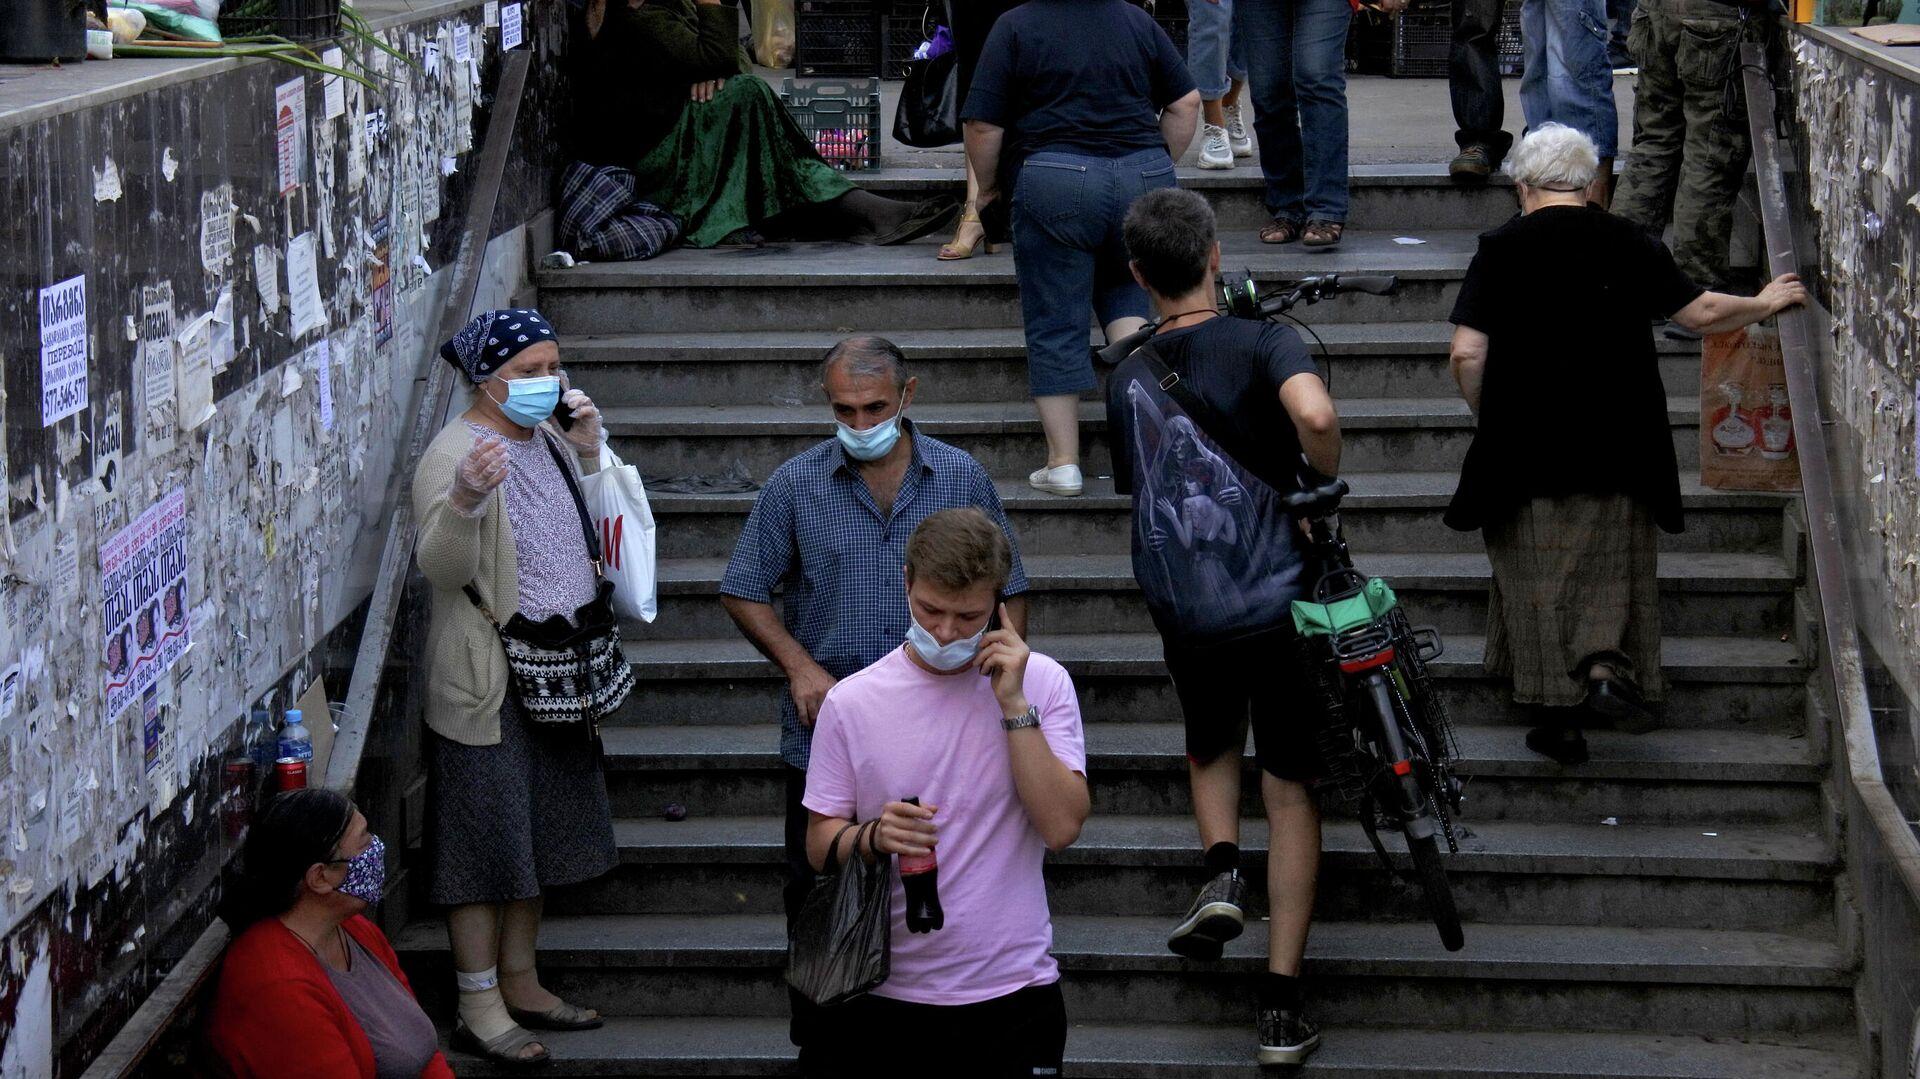 Эпидемия коронавируса - прохожие в масках в подъемном переходе - Sputnik Грузия, 1920, 16.09.2021